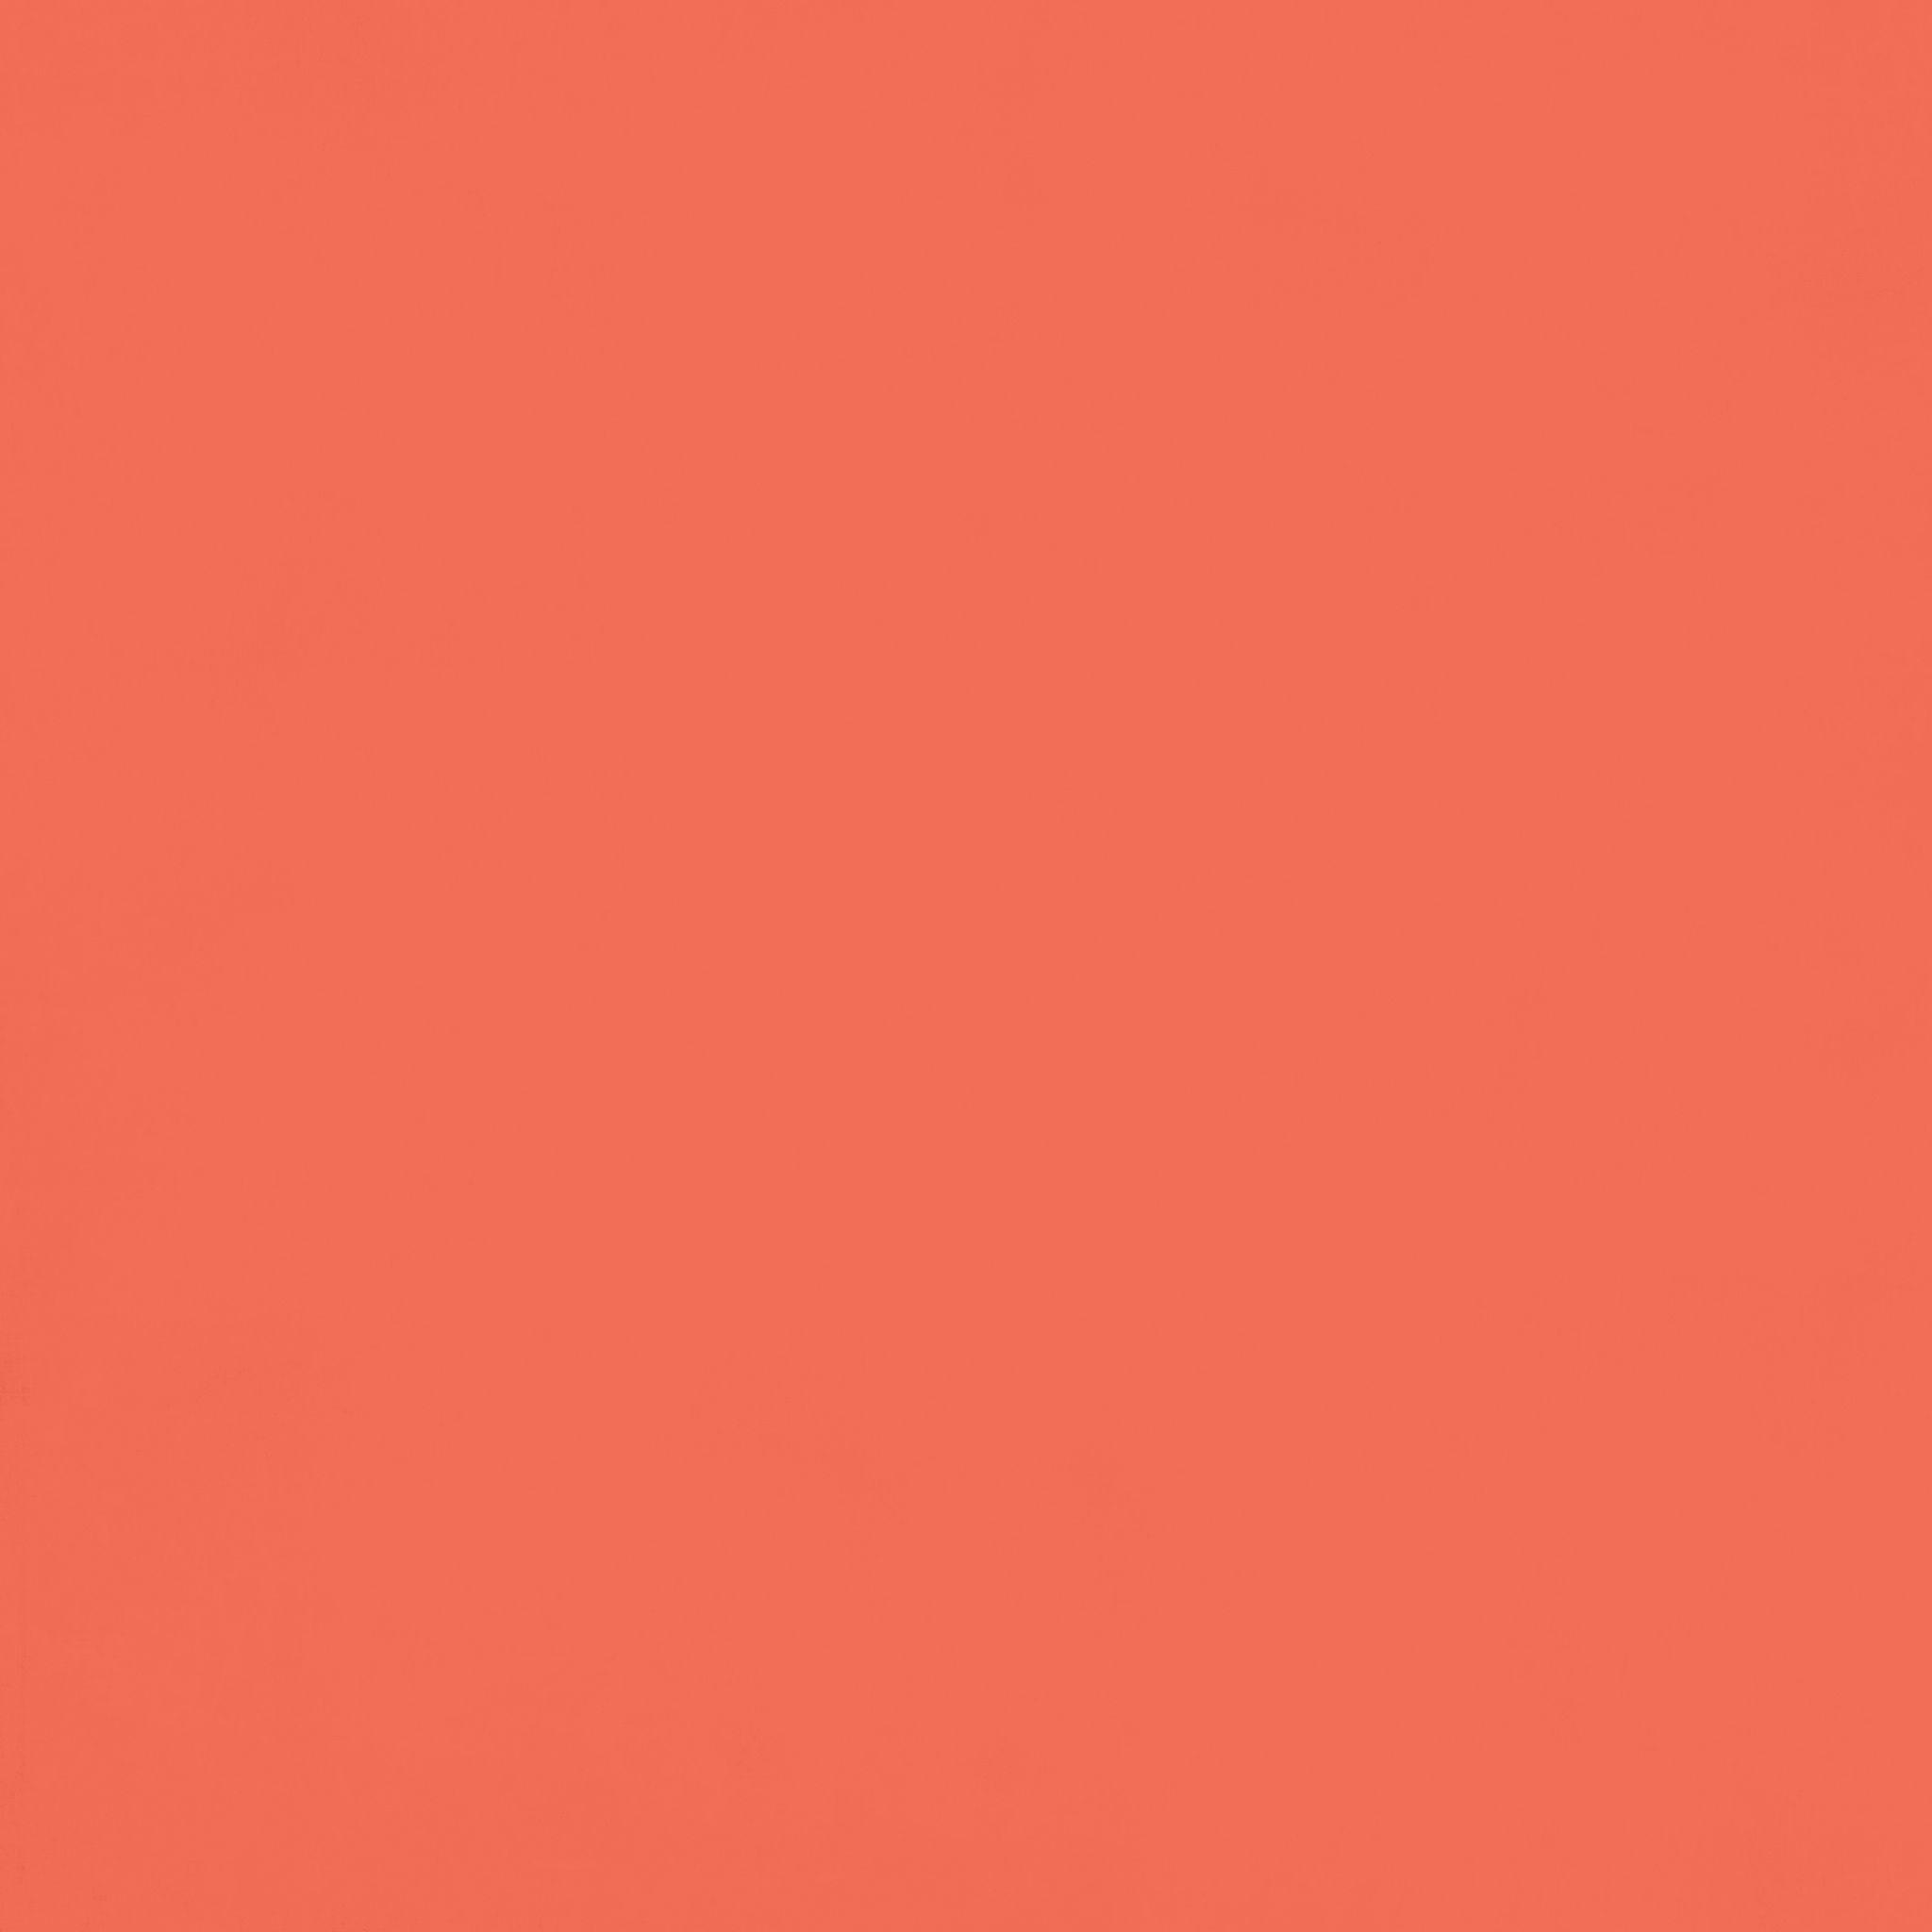 3 Papaya Orange Paint Colors Solid Color Backgrounds Sherwin Williams Paint Colors